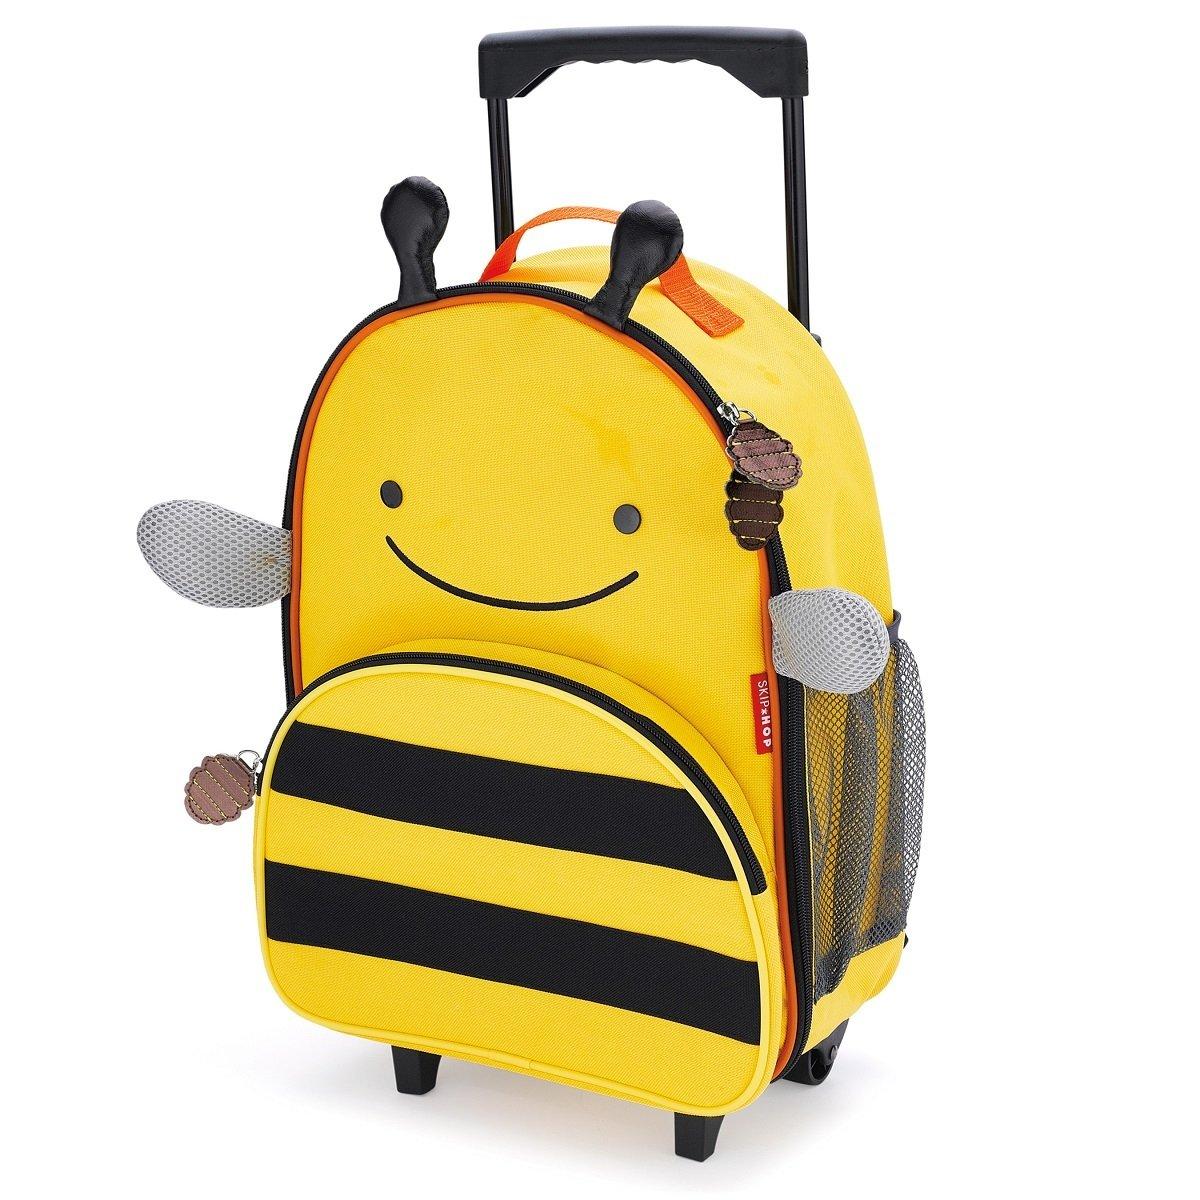 Zoo 可愛動物園小孩專用行李箱 - 小蜜蜂